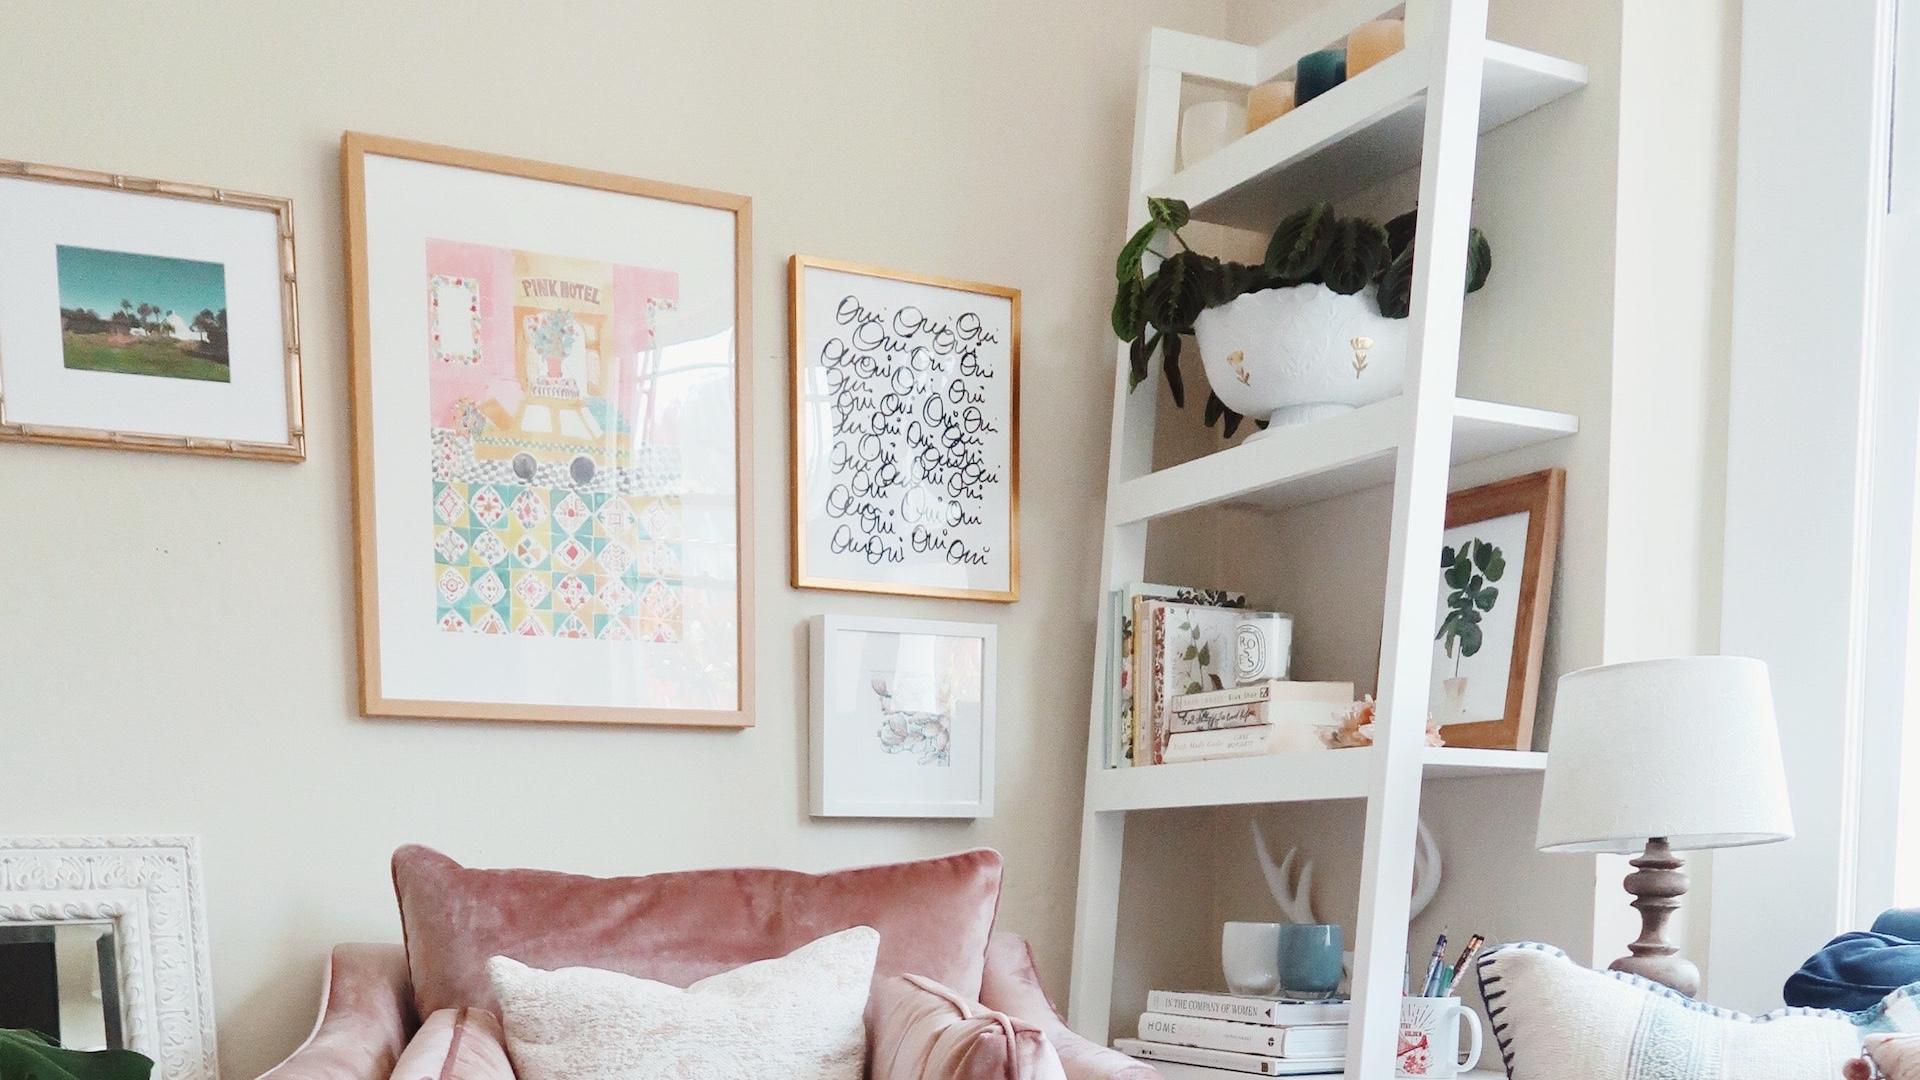 ピンクのソファーと白いシェルフのあるかわいい部屋